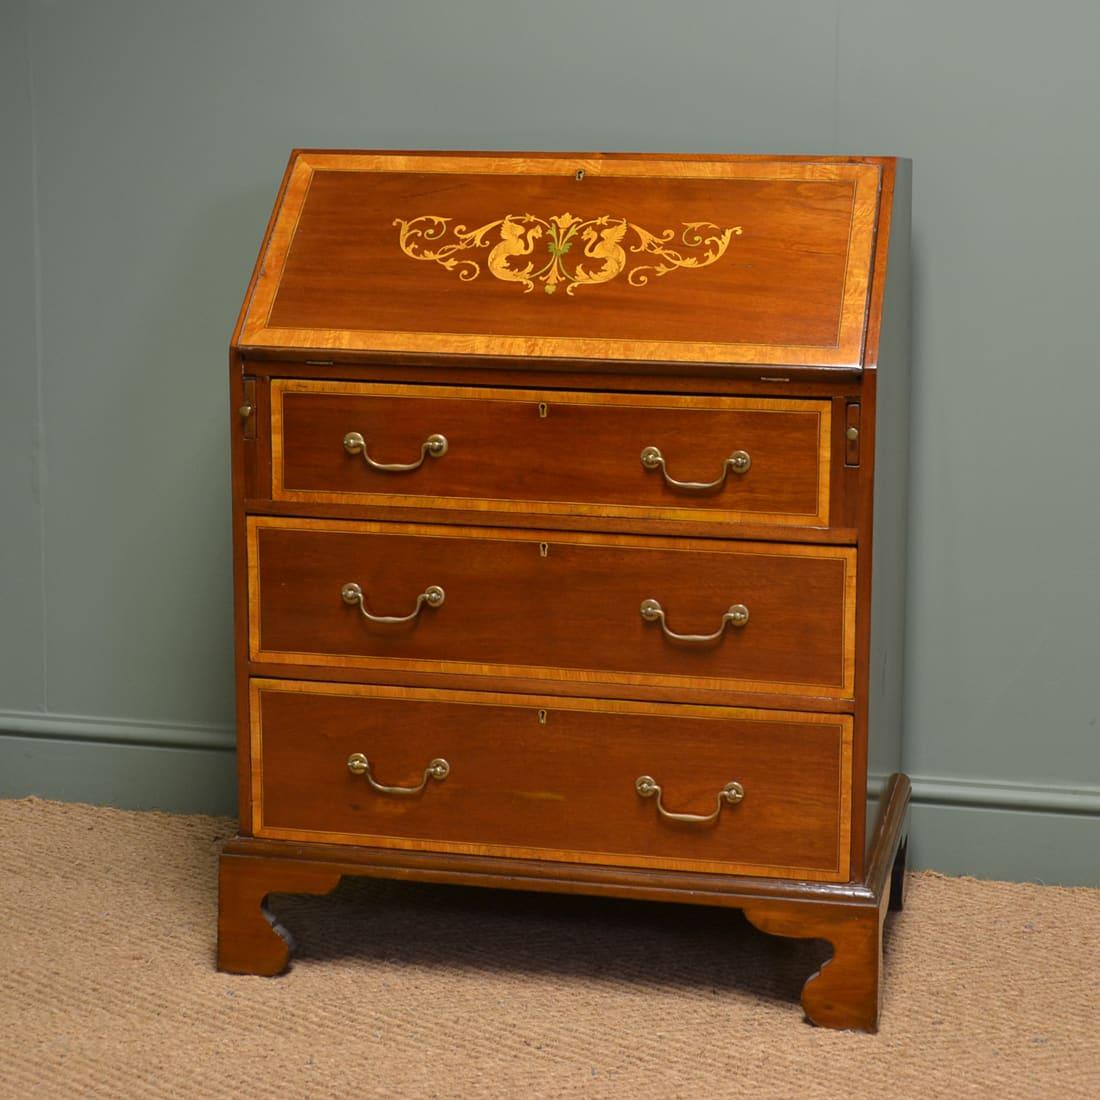 Edwardian Inlaid Mahogany Antique Desk / Bureau